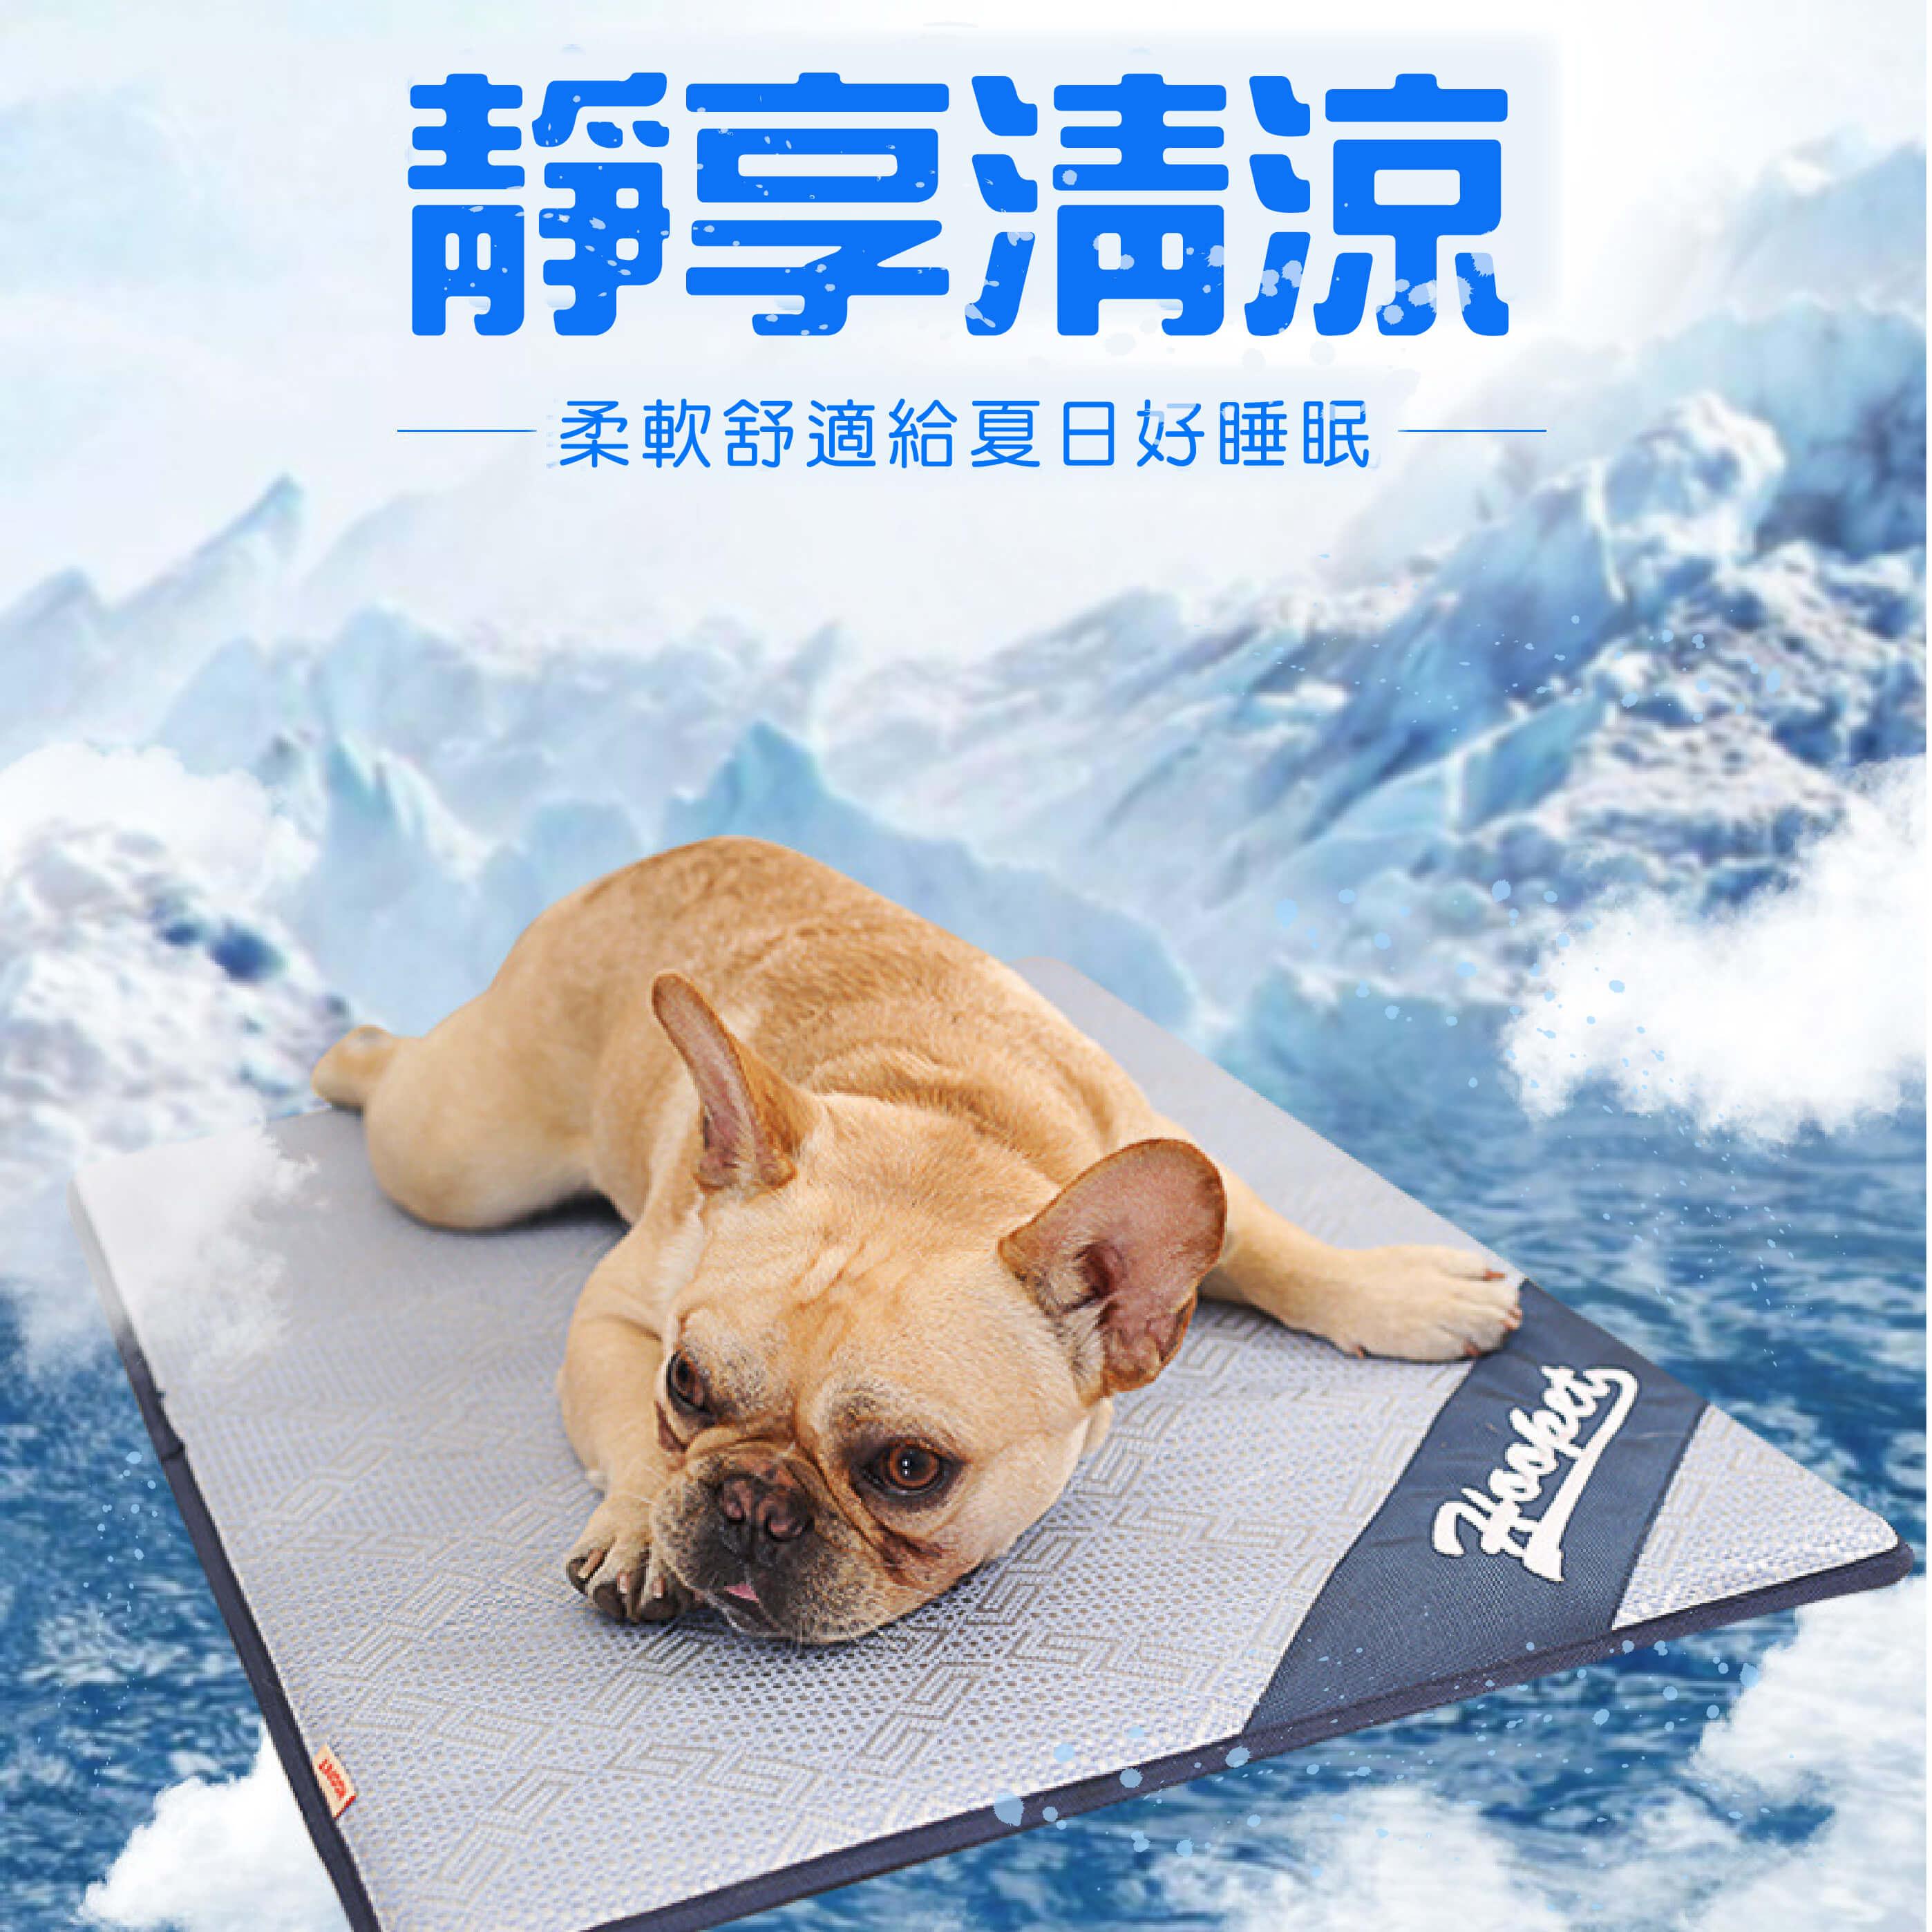 寵物涼墊 寵物墊 冰墊 降溫 狗窩 貓窩 可水洗